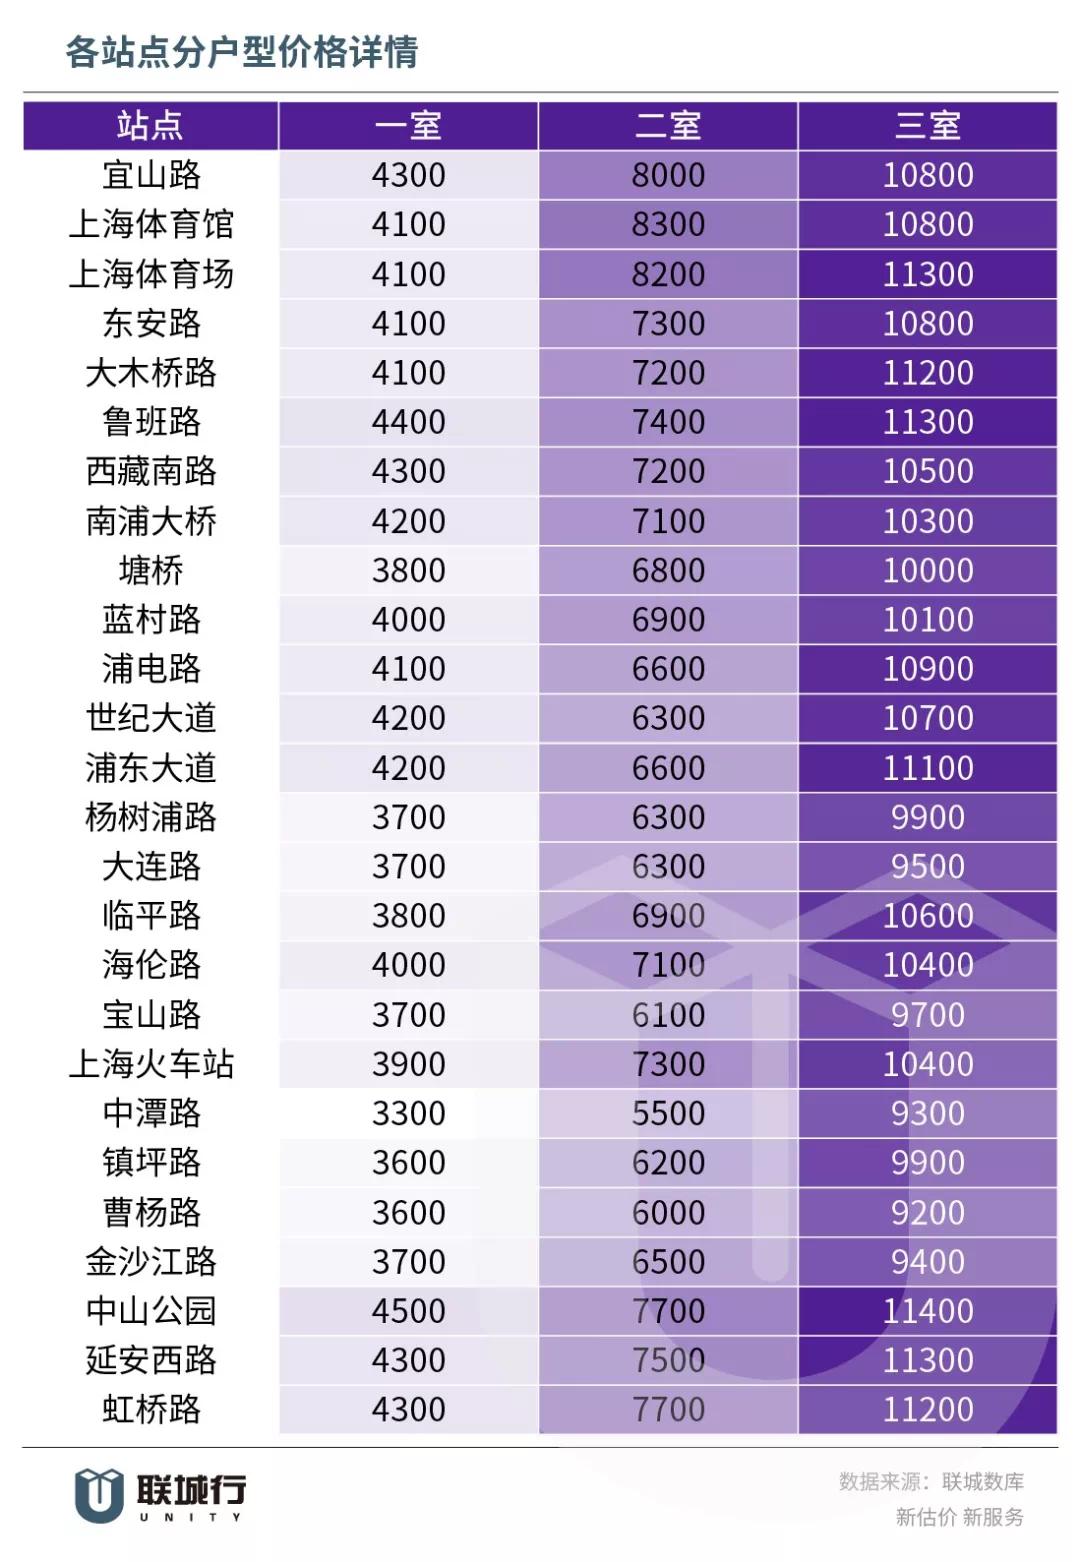 陆家嘴堵路原因_最新|上海轨交沿线租金大全(包含金山铁路线)-上海搜狐焦点